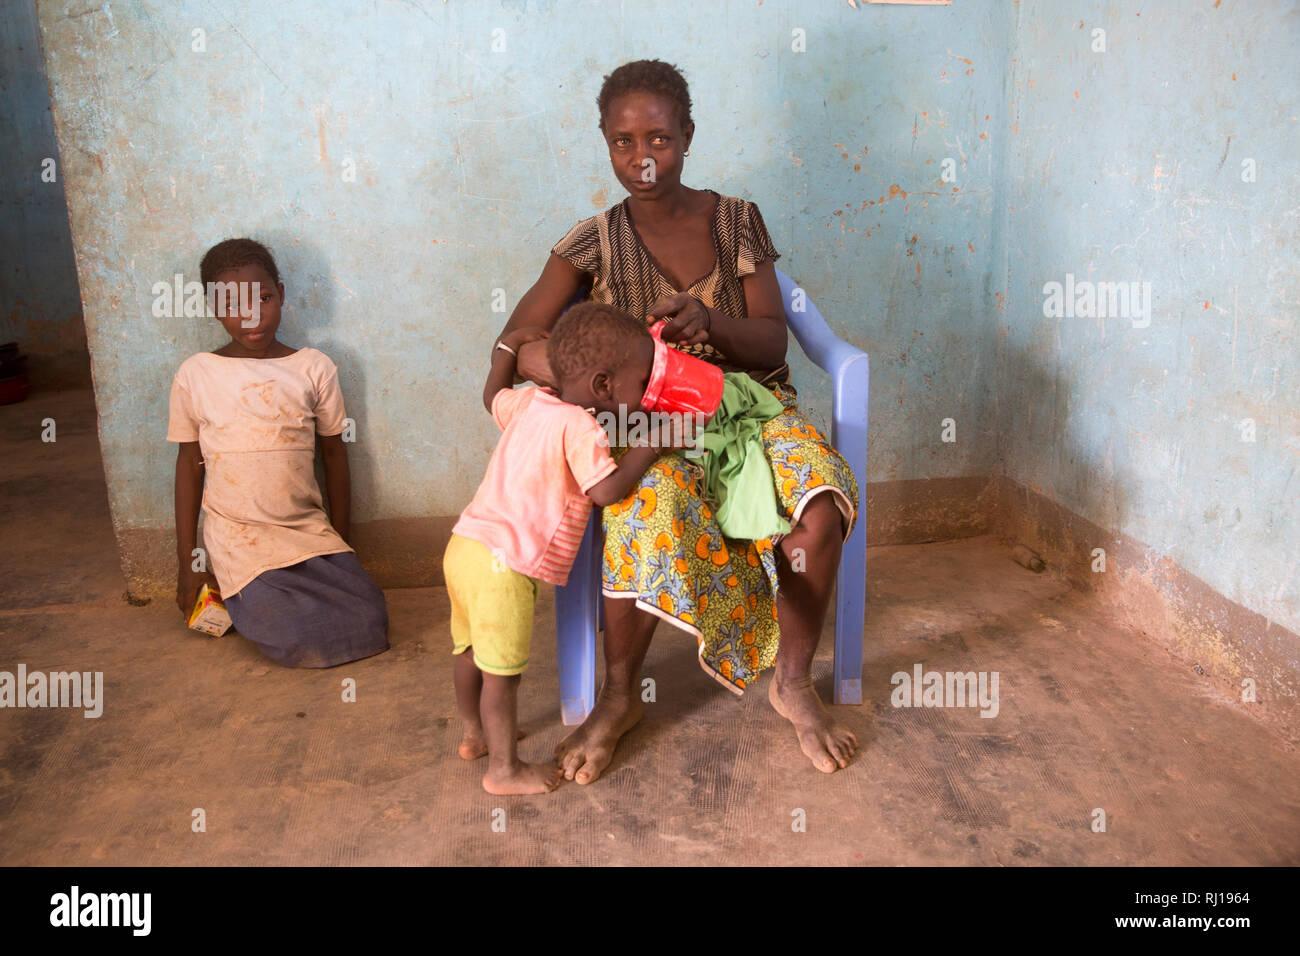 Samba village, Yako Province, Burkina Faso; Sally Zoundi, 35, with her baby Salomon Zoundi, 15 months, and her daughter Zalissa Zoundi, 10. Stock Photo